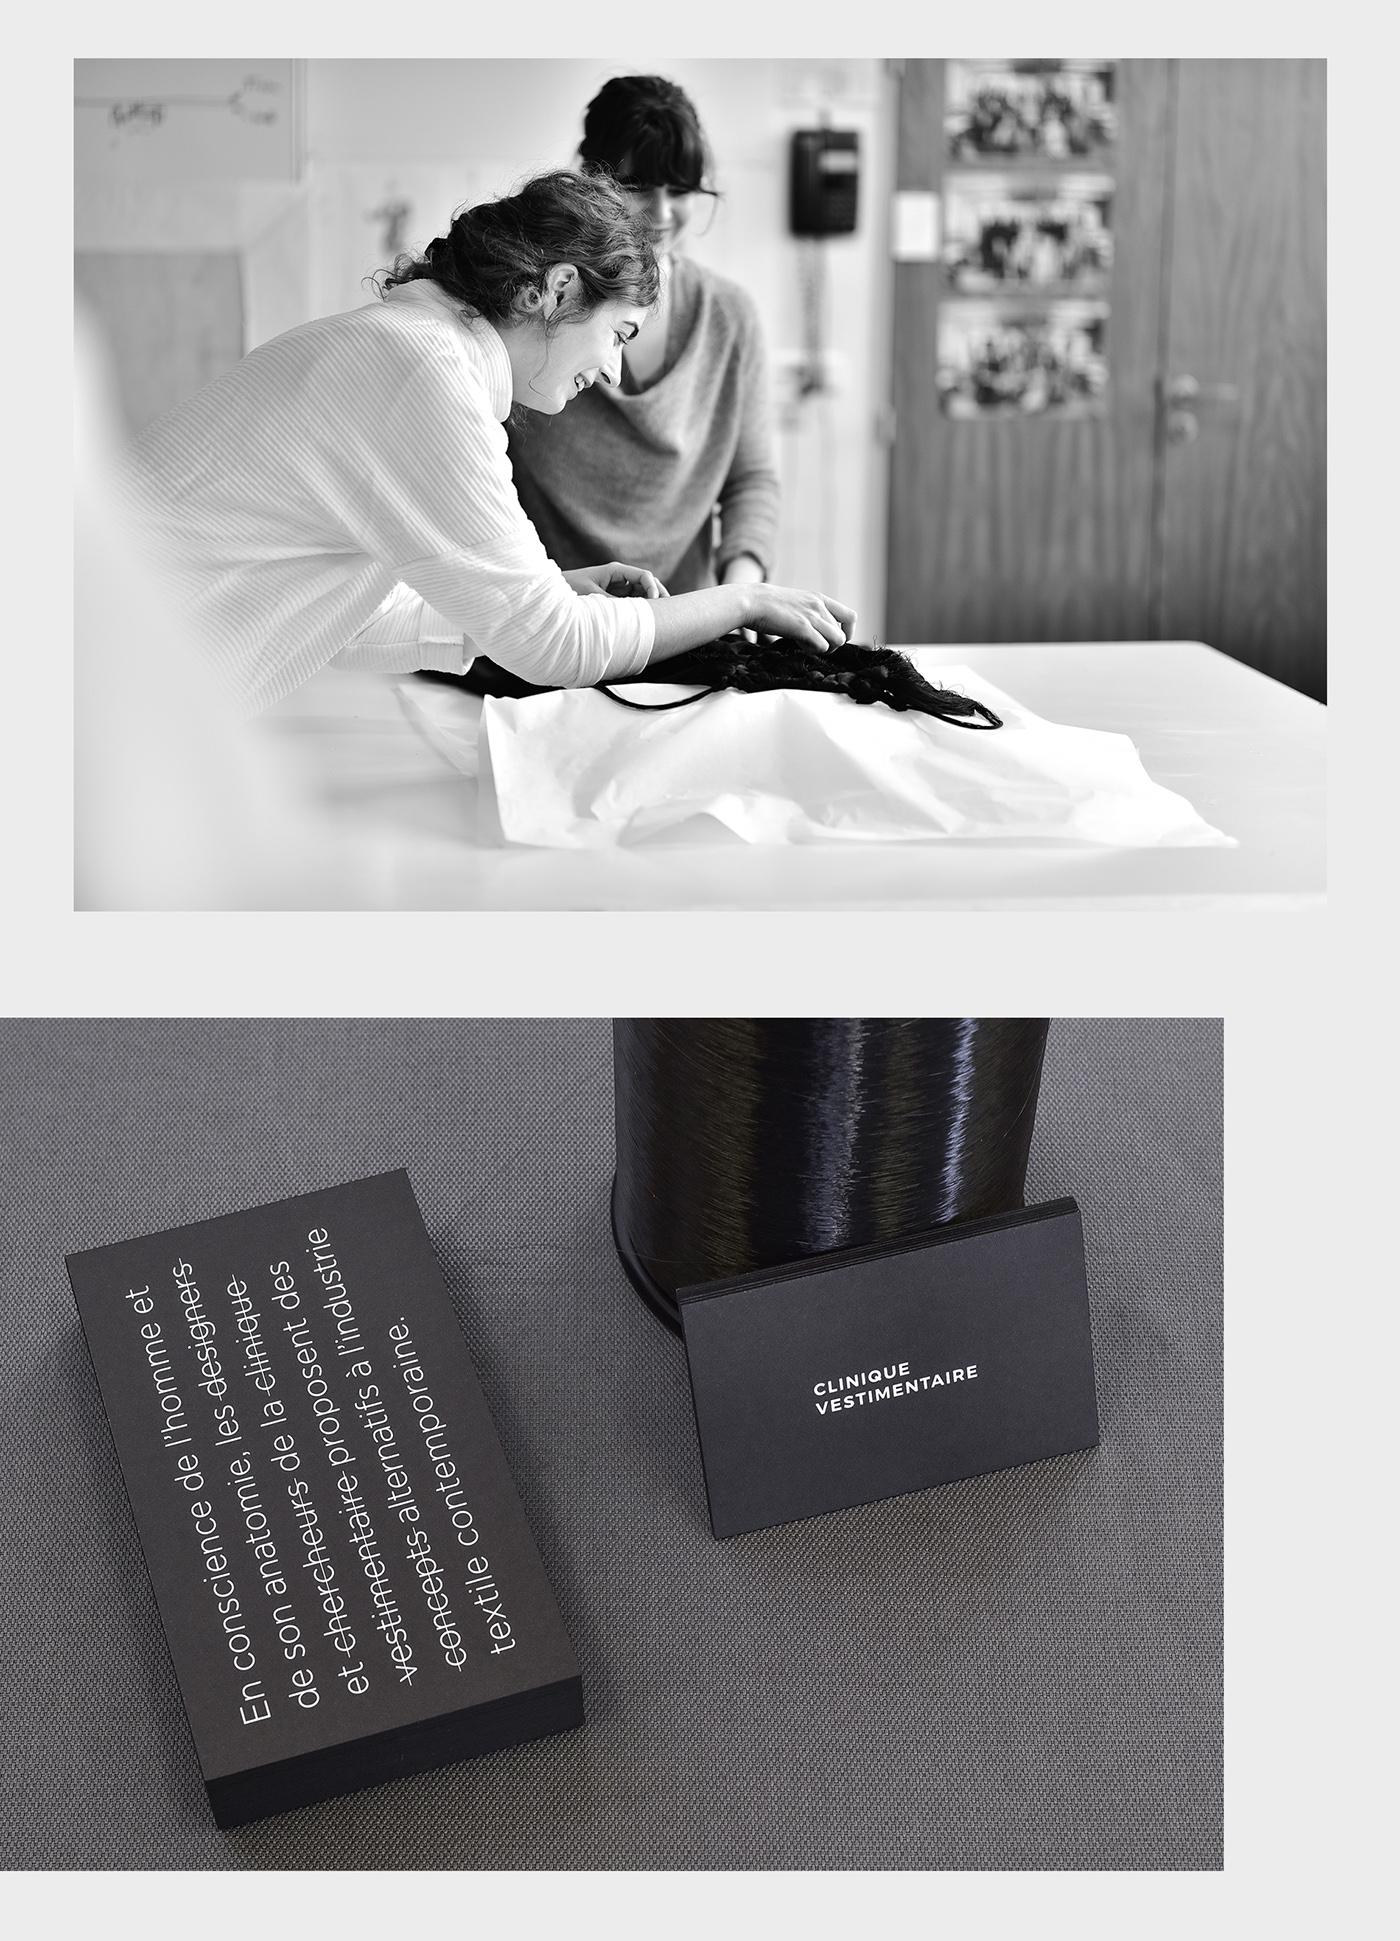 Clinique Vestimentaire | Branding on Behance